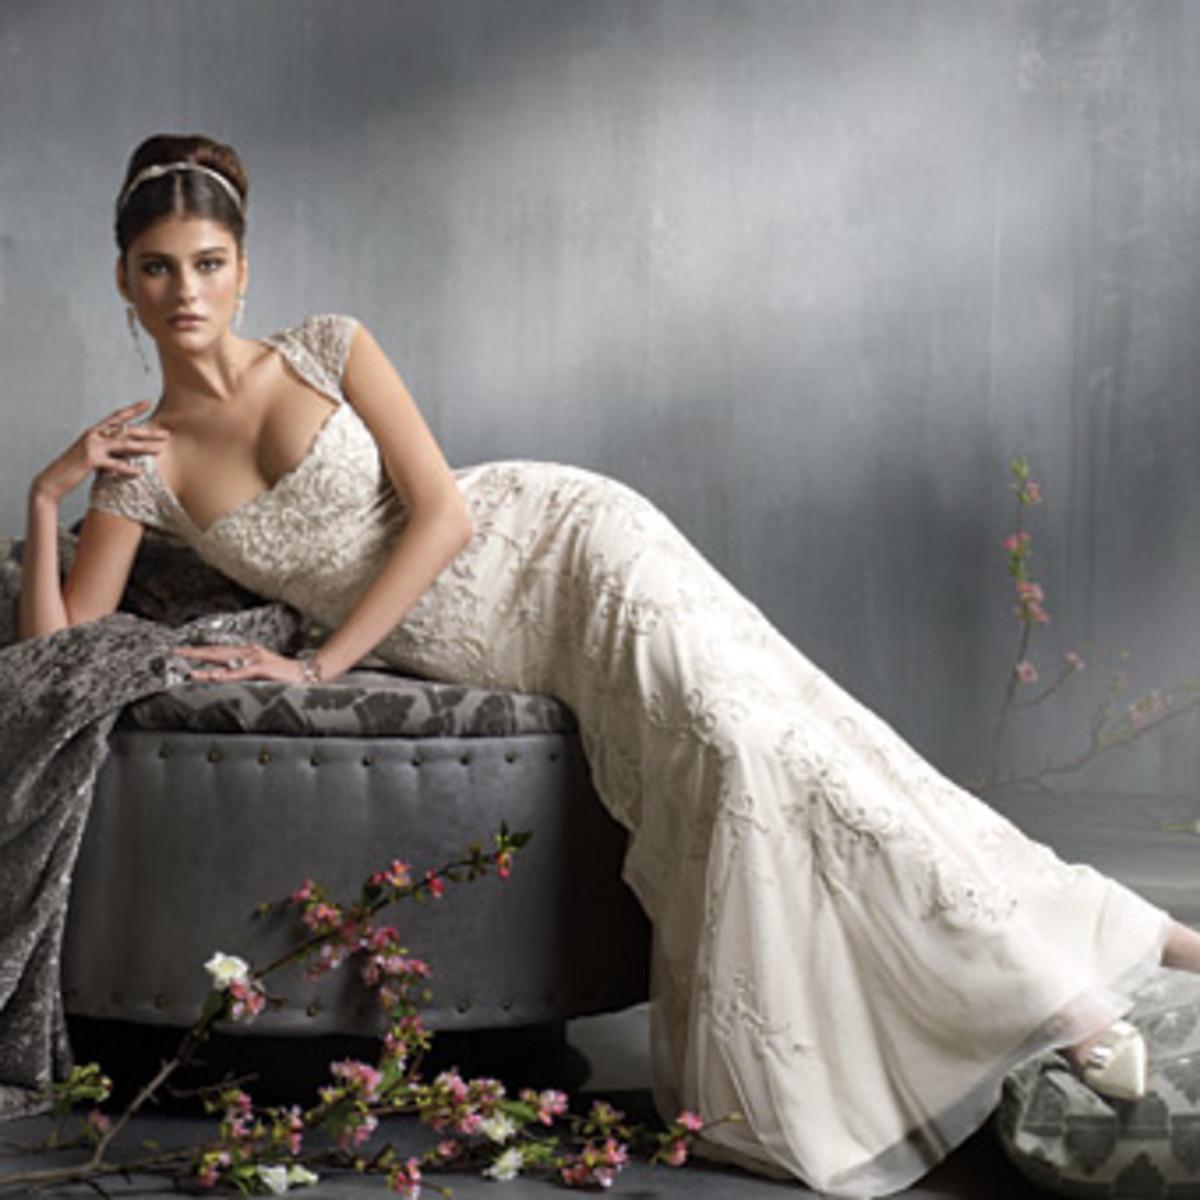 مجلة اناقة العرائس في دردشة شات (موضوع حصري) 885844_f496.jpg